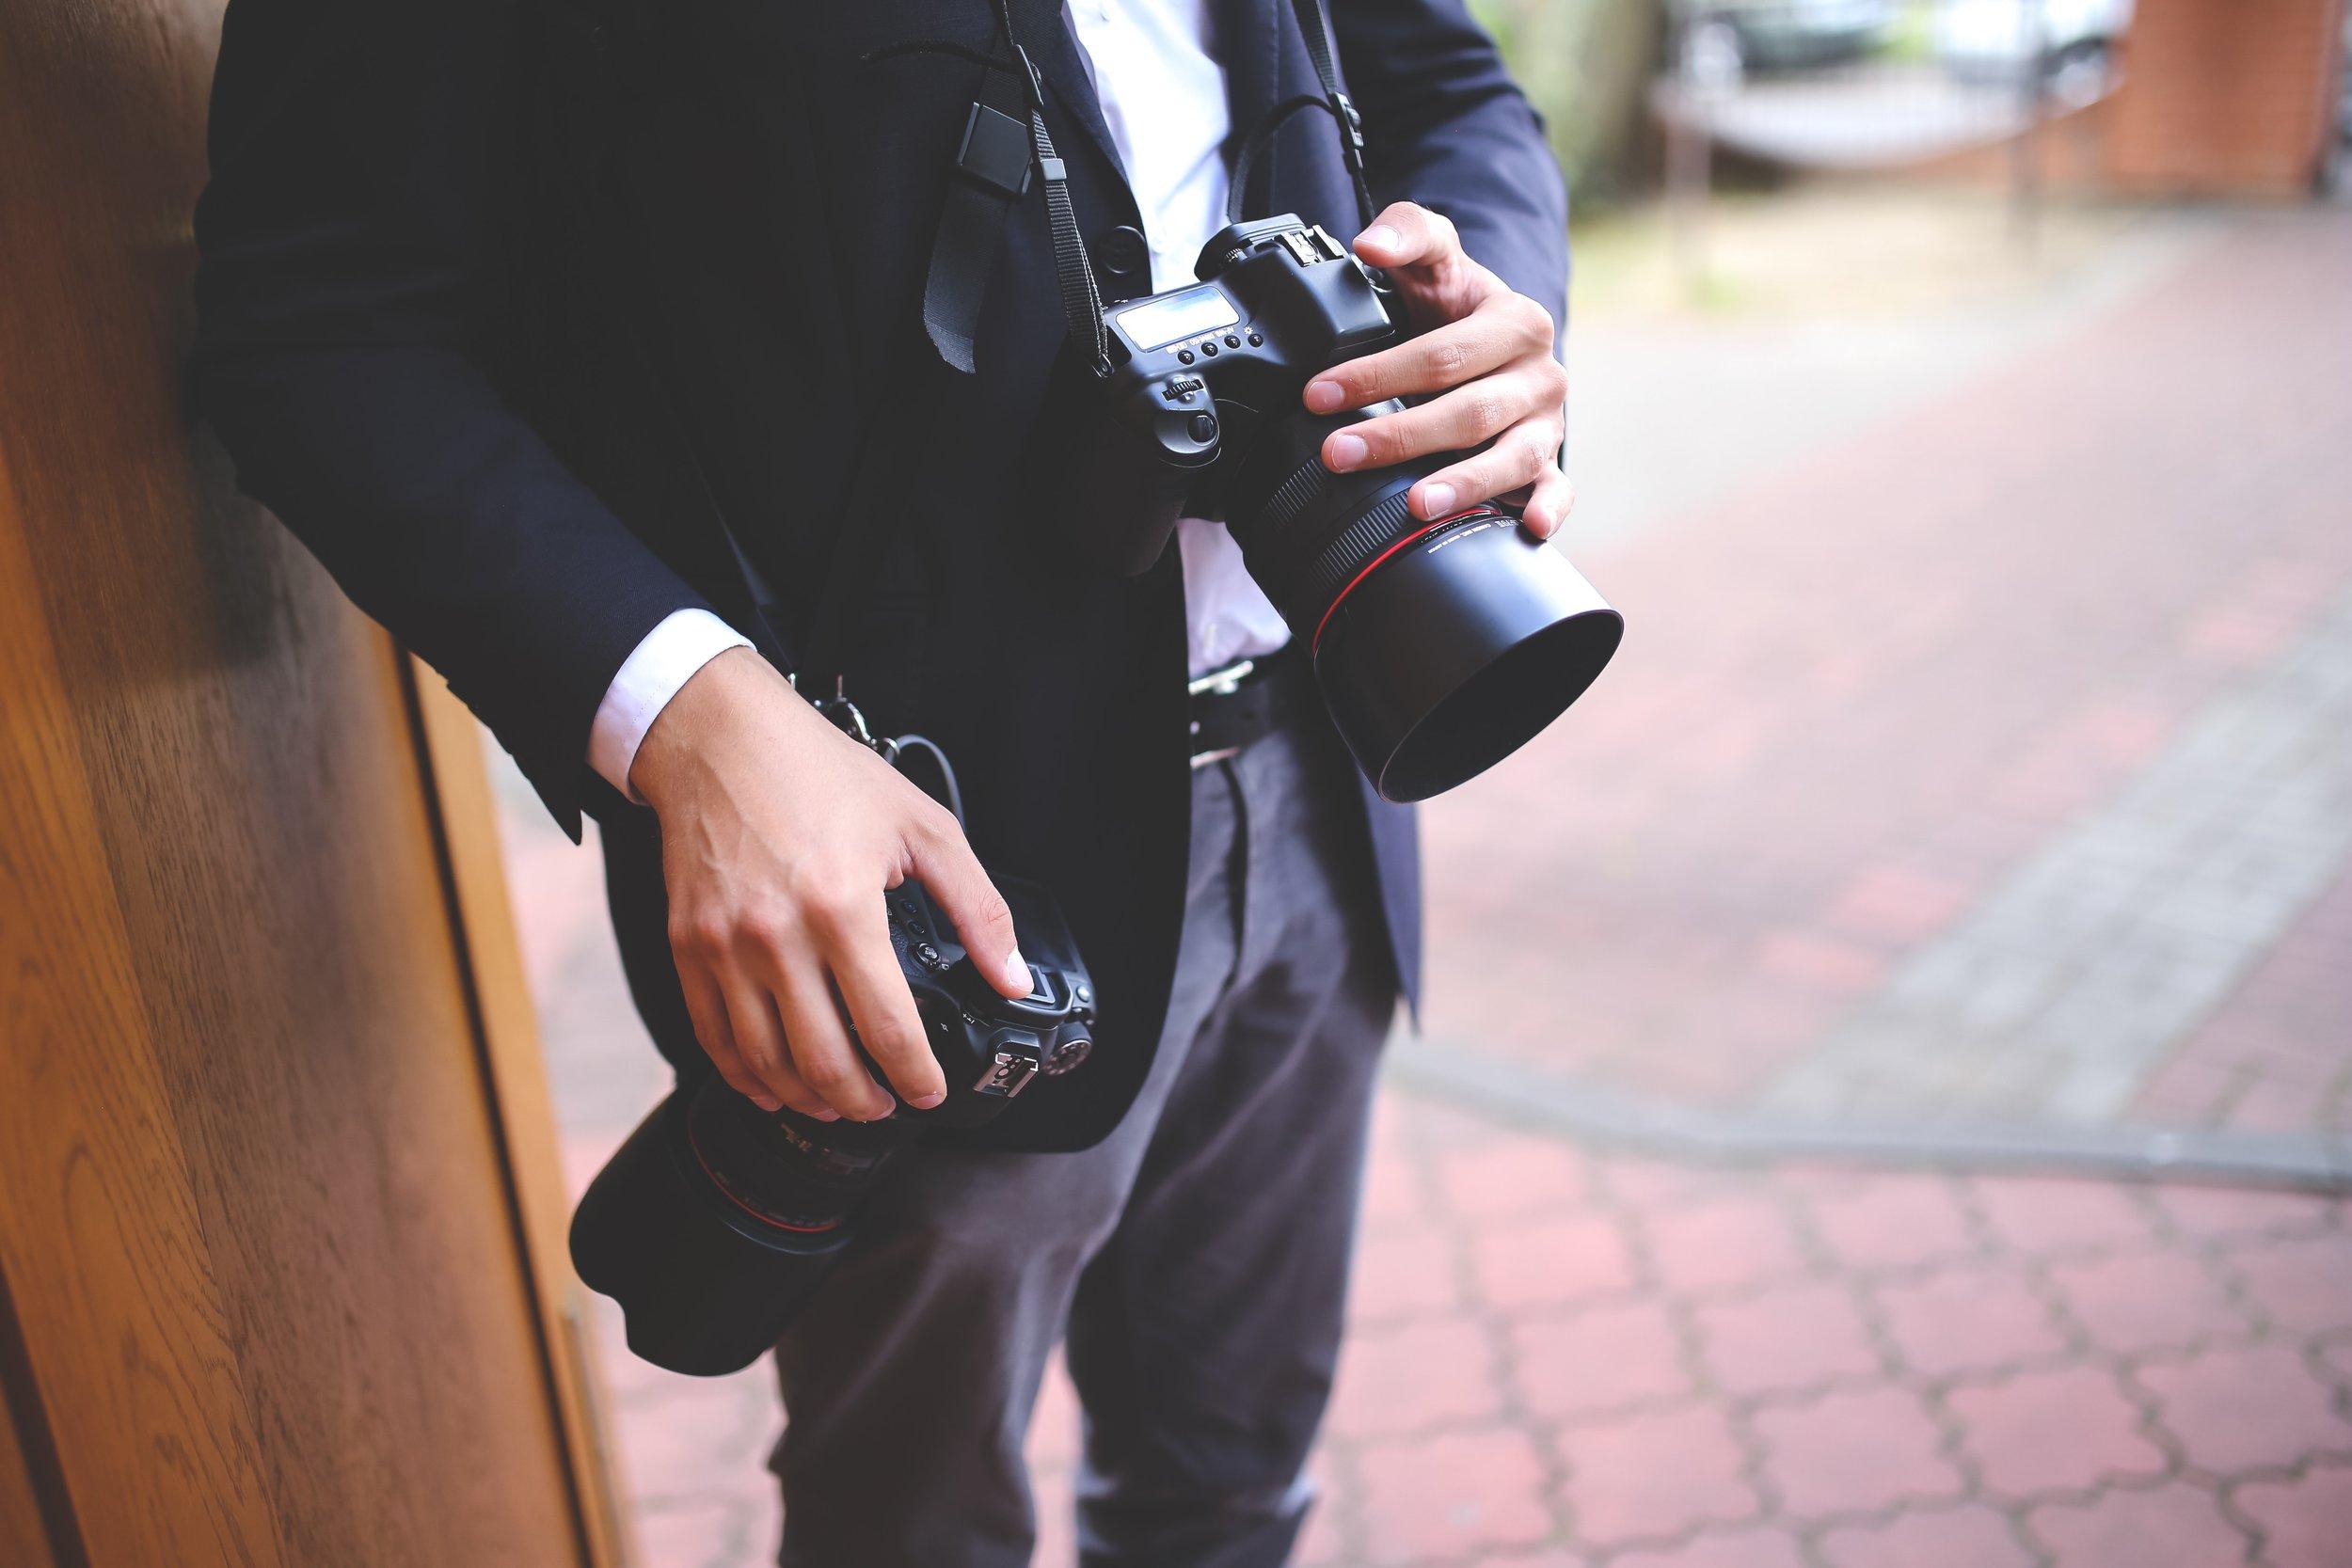 artist-camera-cameras-6182.jpg